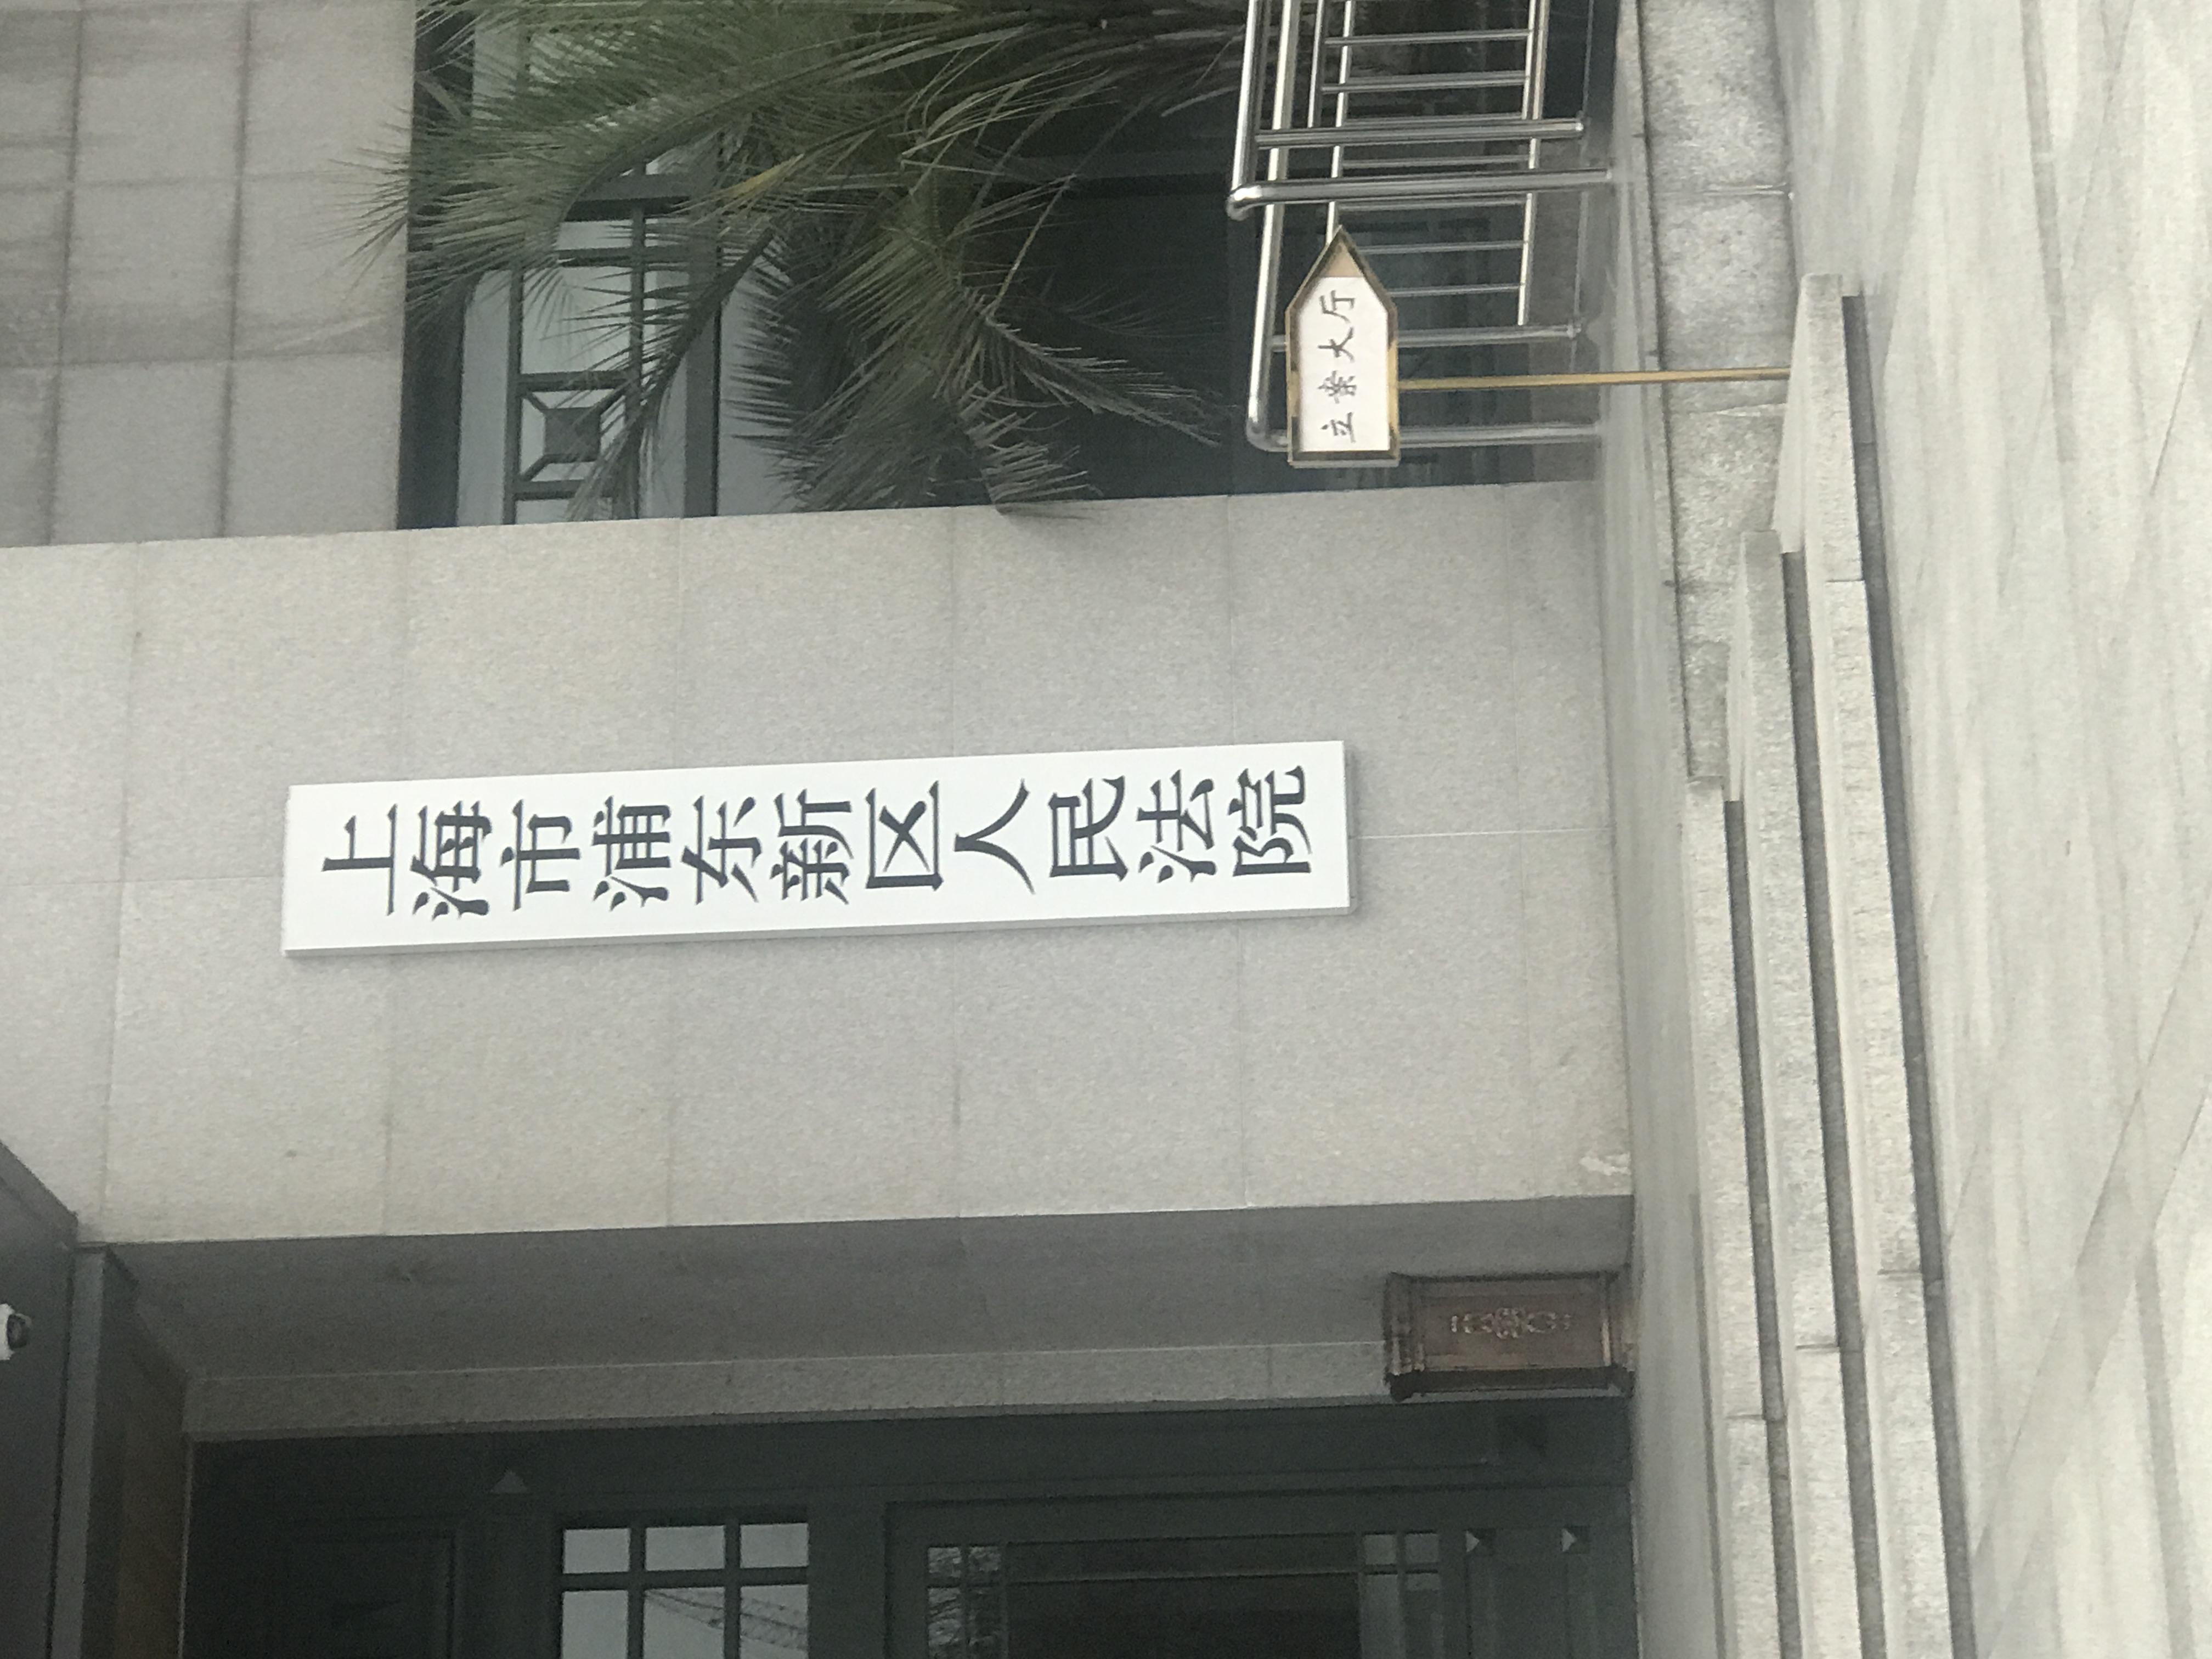 出差上海案件办理